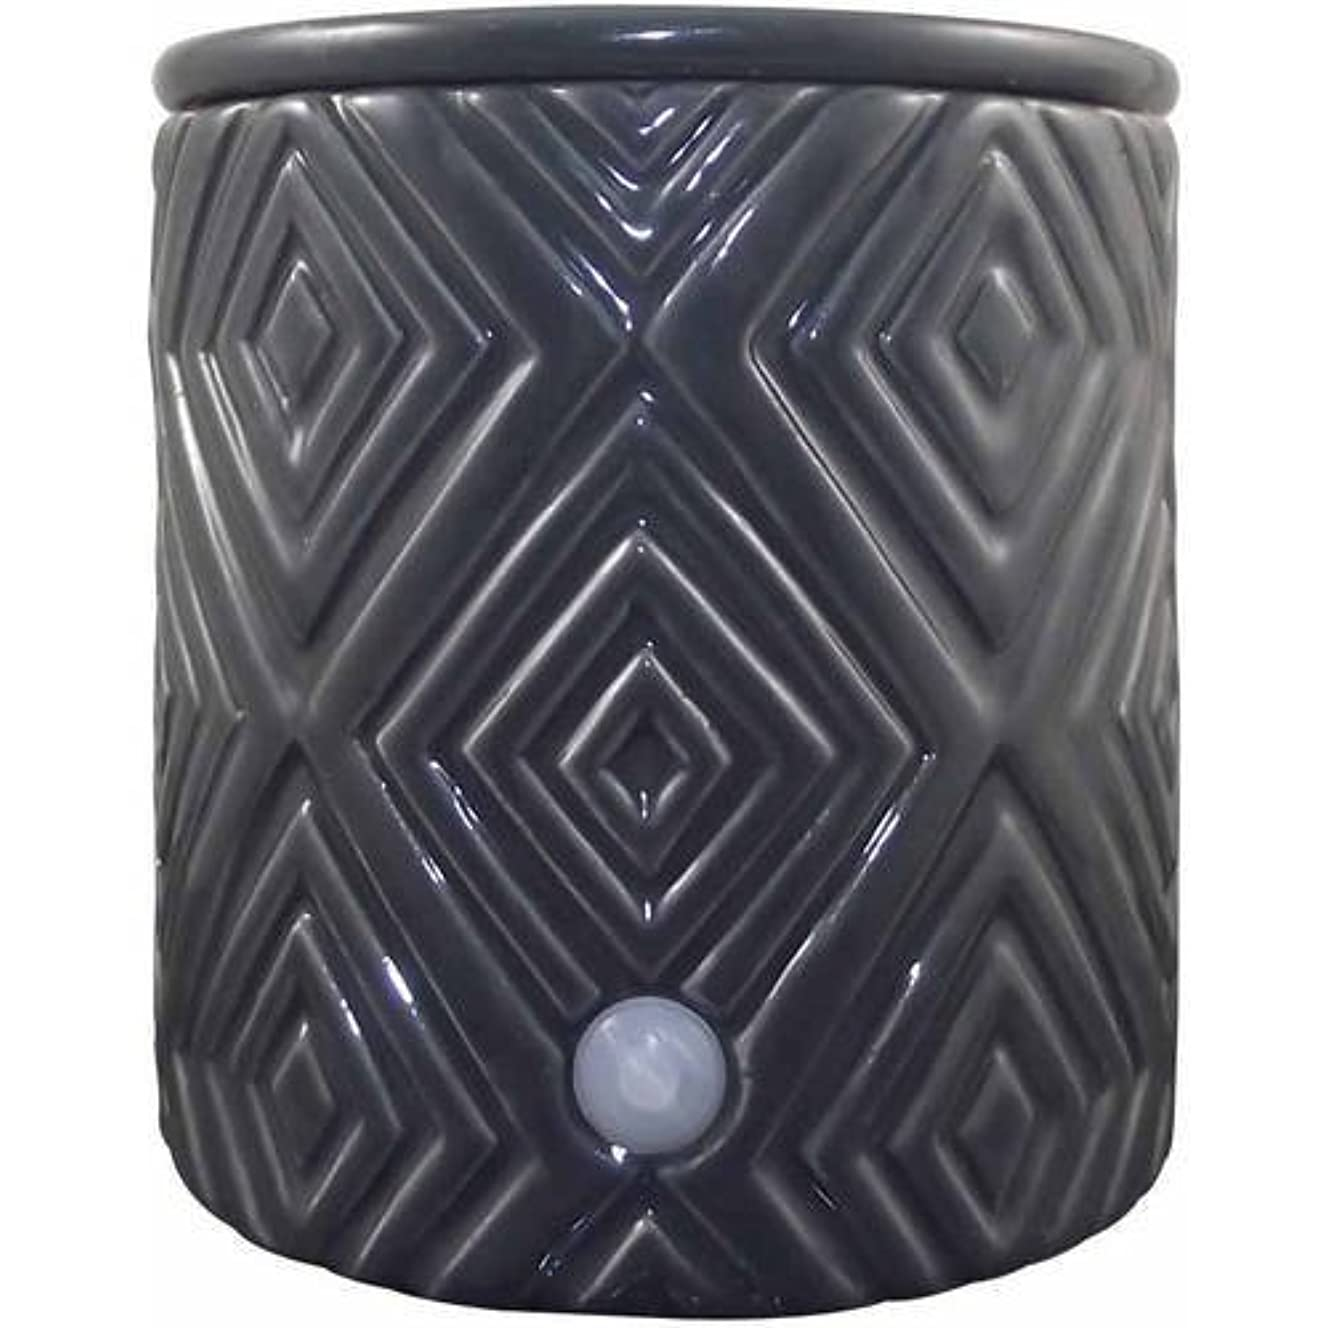 湿原風邪をひくパニックElectric Wax Warmer – Use to Melt Scented Candleキューブ – グリーン装飾 – アロマセラピーAcessory – Fill Yourホームwith Fragrance by...